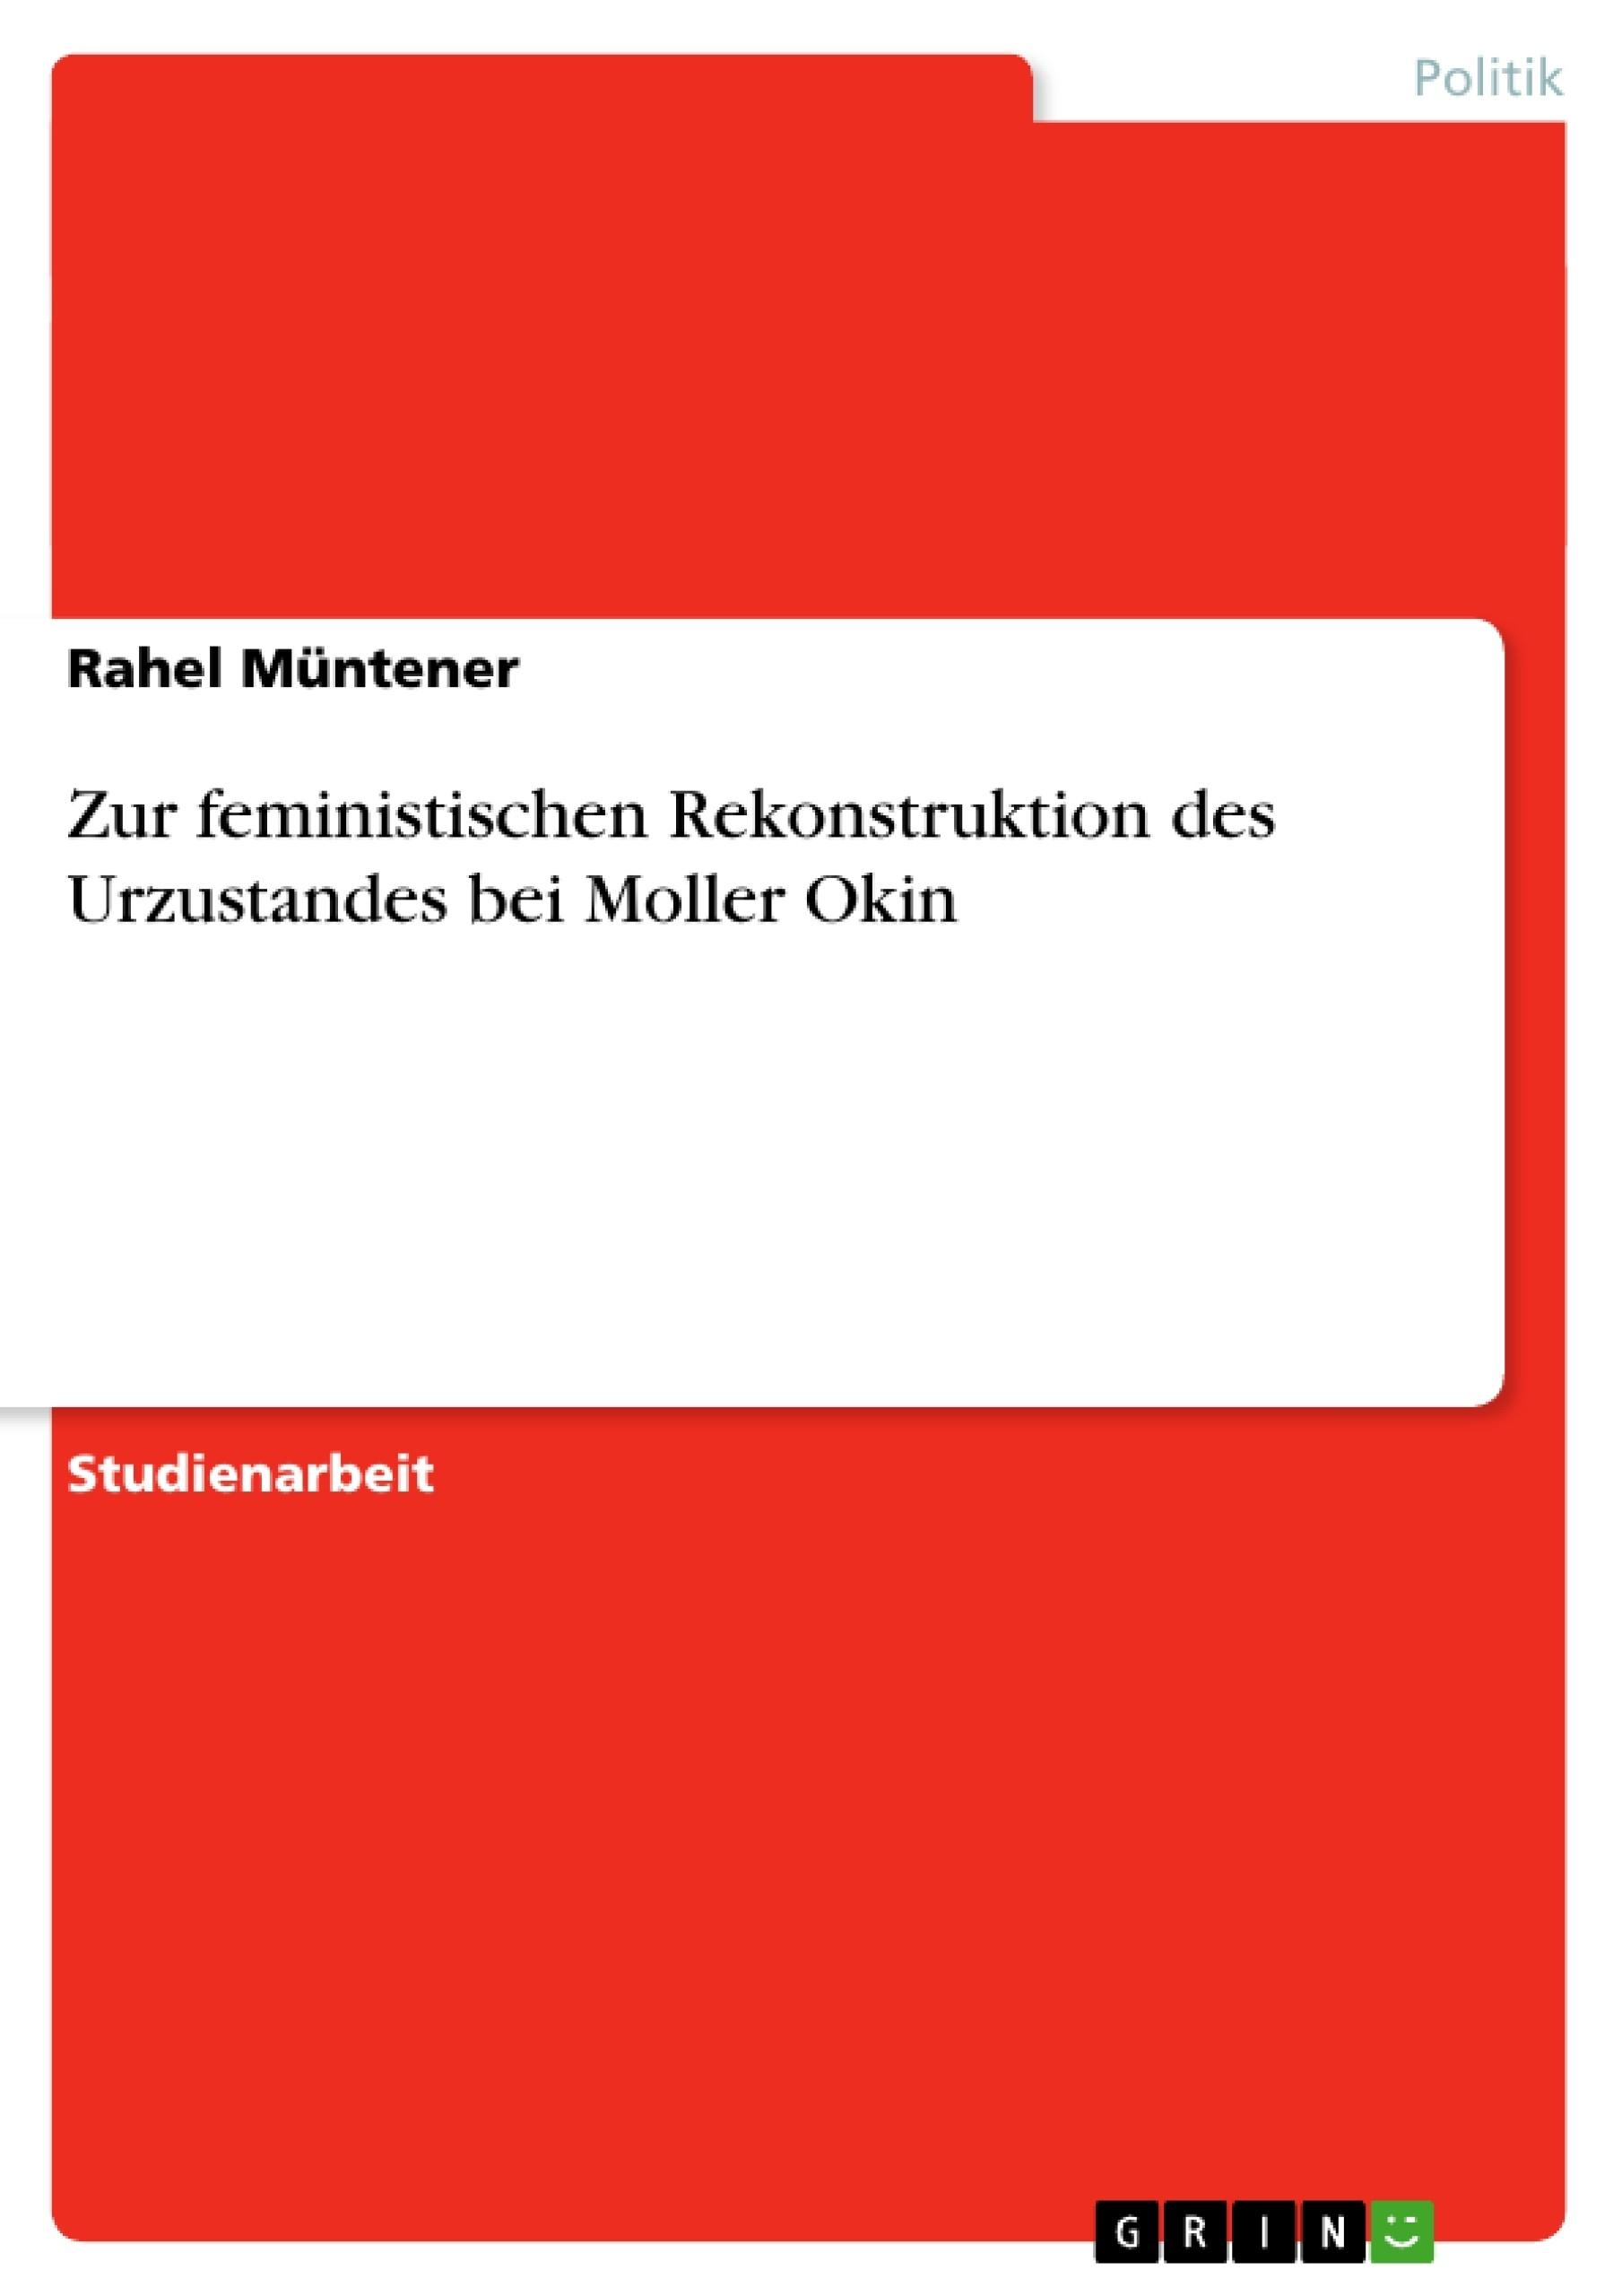 Titel: Zur feministischen Rekonstruktion des Urzustandes bei Moller Okin